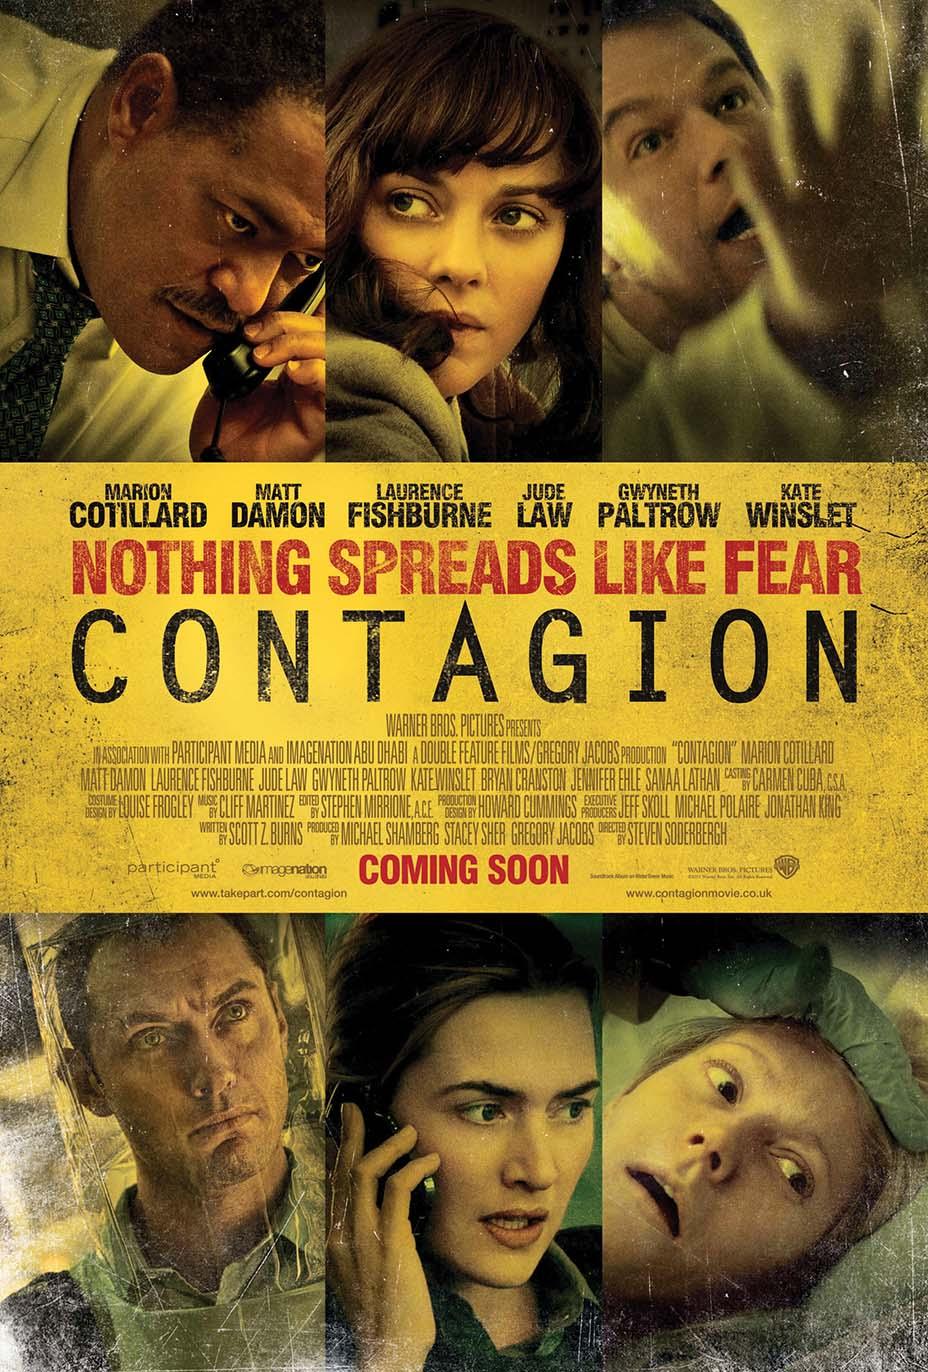 آیا فیلم «شیوع» ویروس کرونا را پیشبینی کرده بود؟ / پاسخ نویسنده